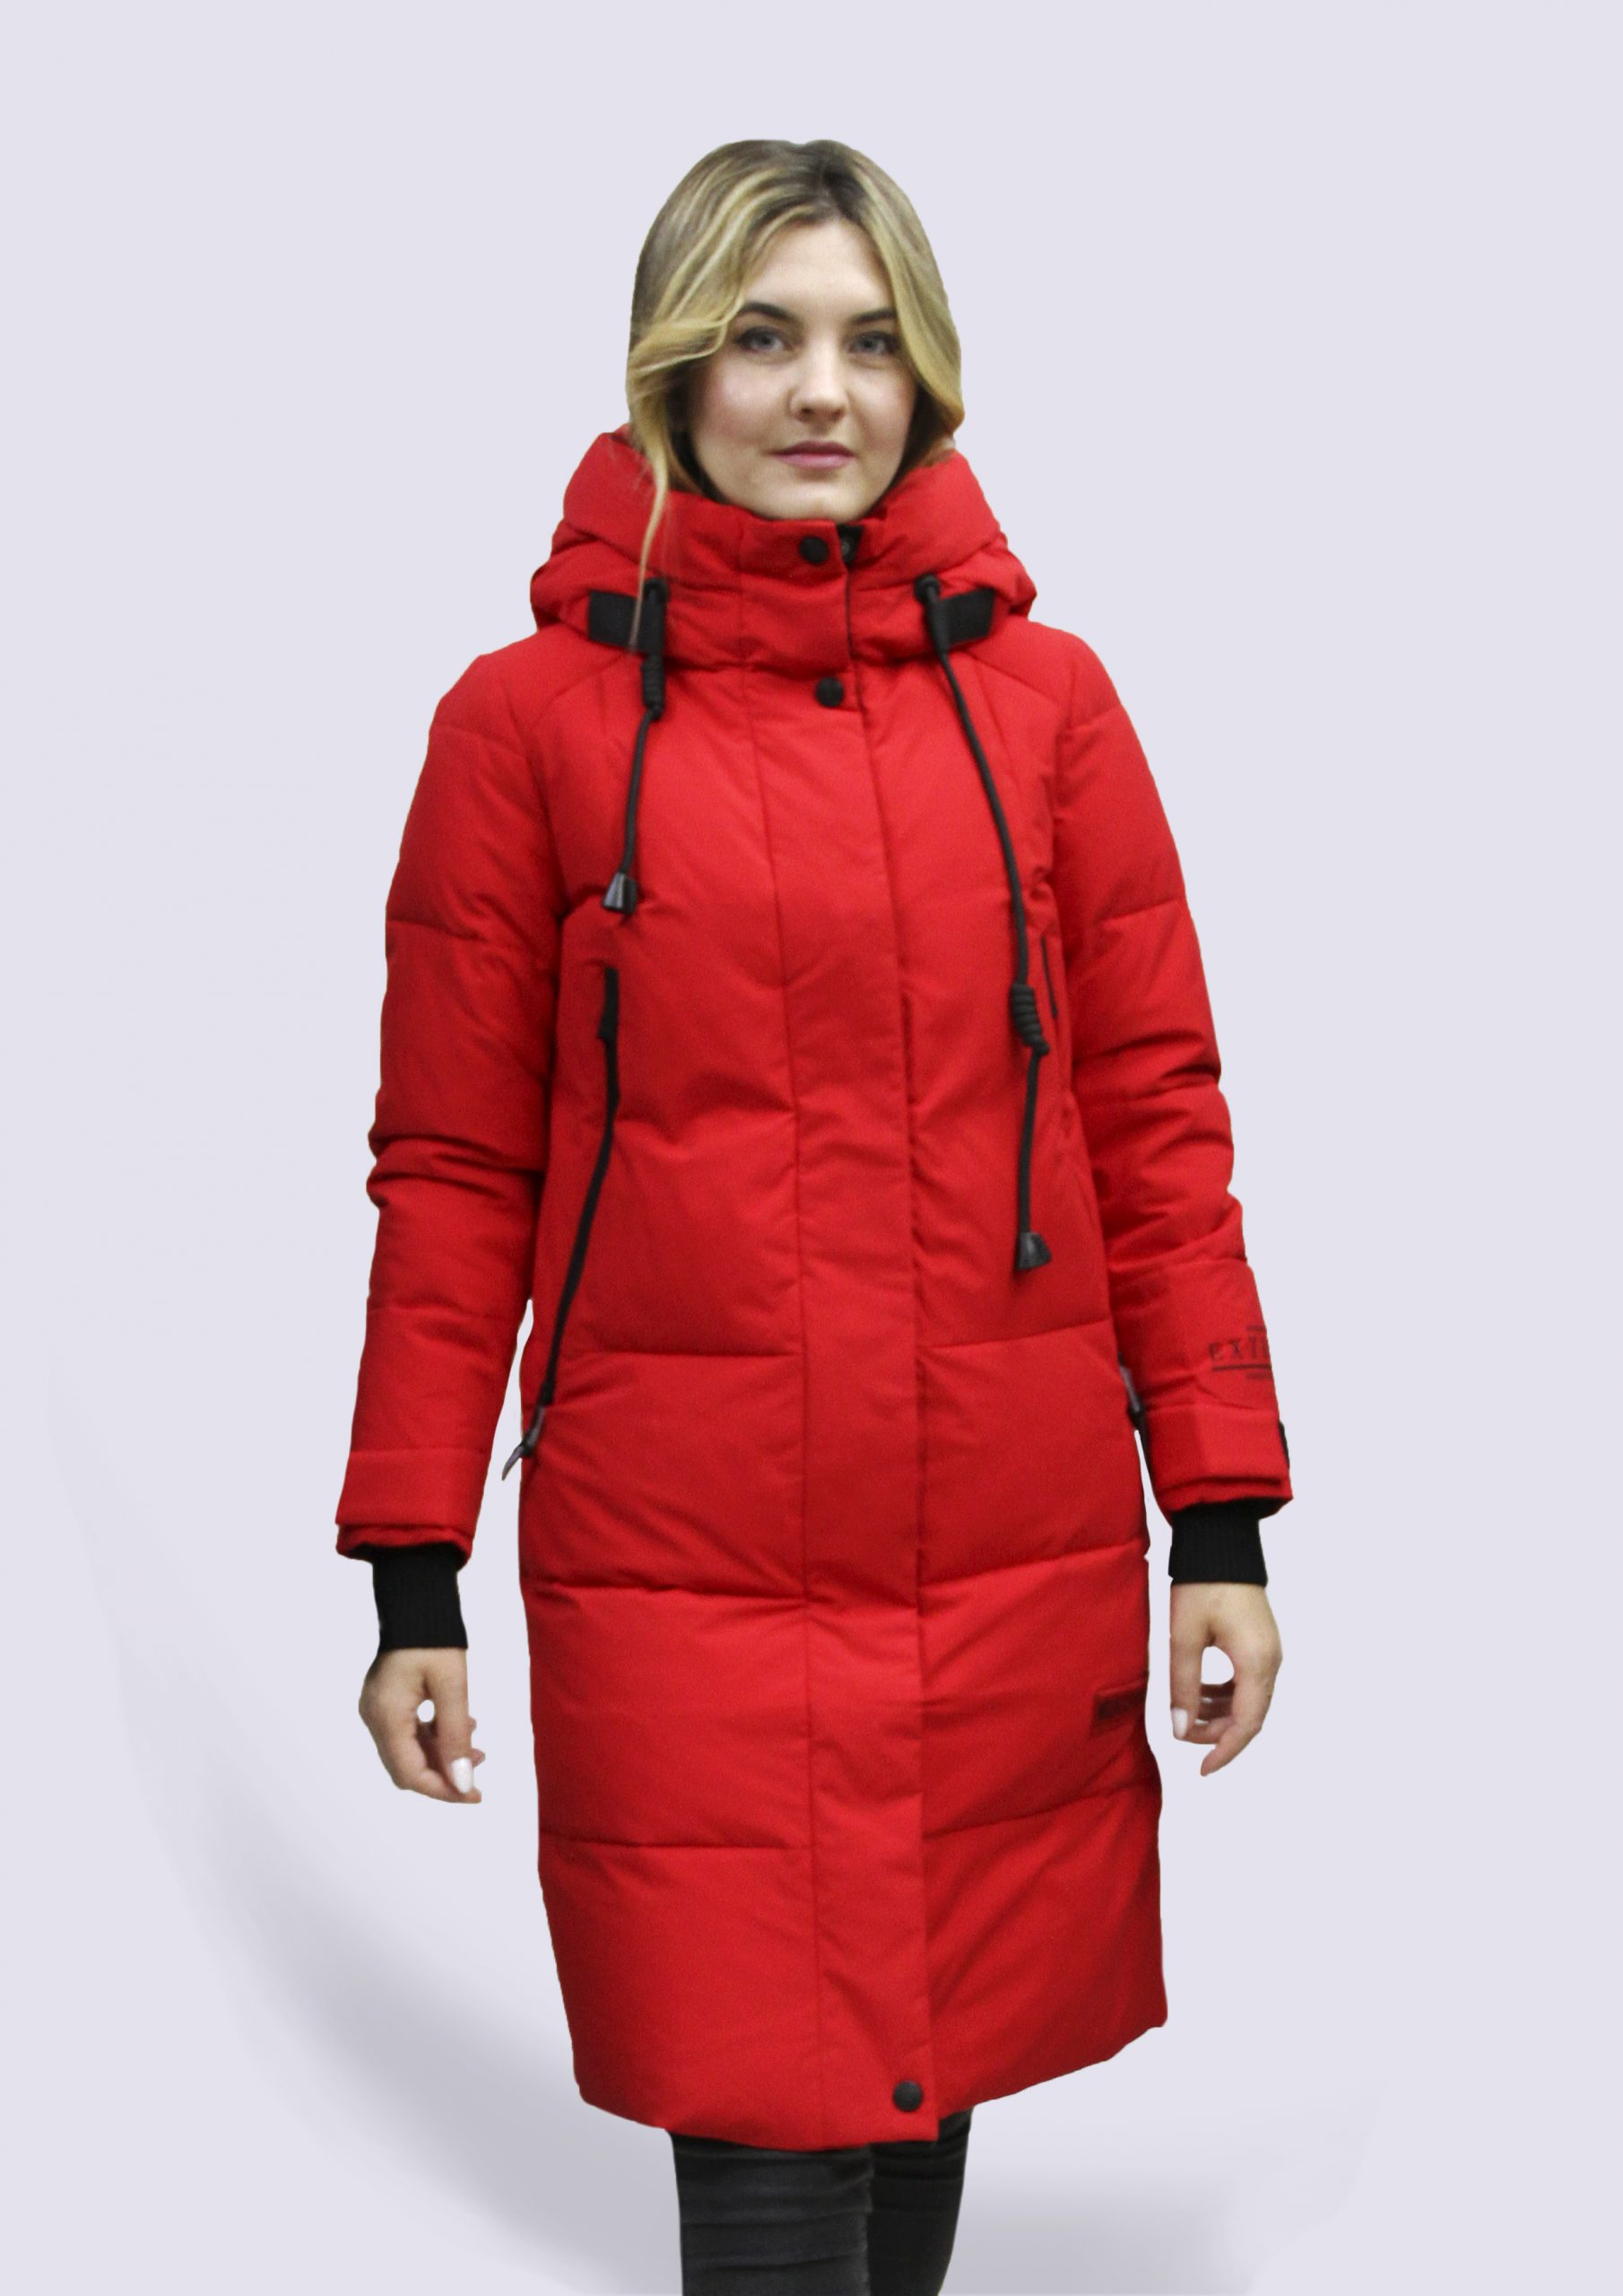 Женская зимняя куртка (San Crony)